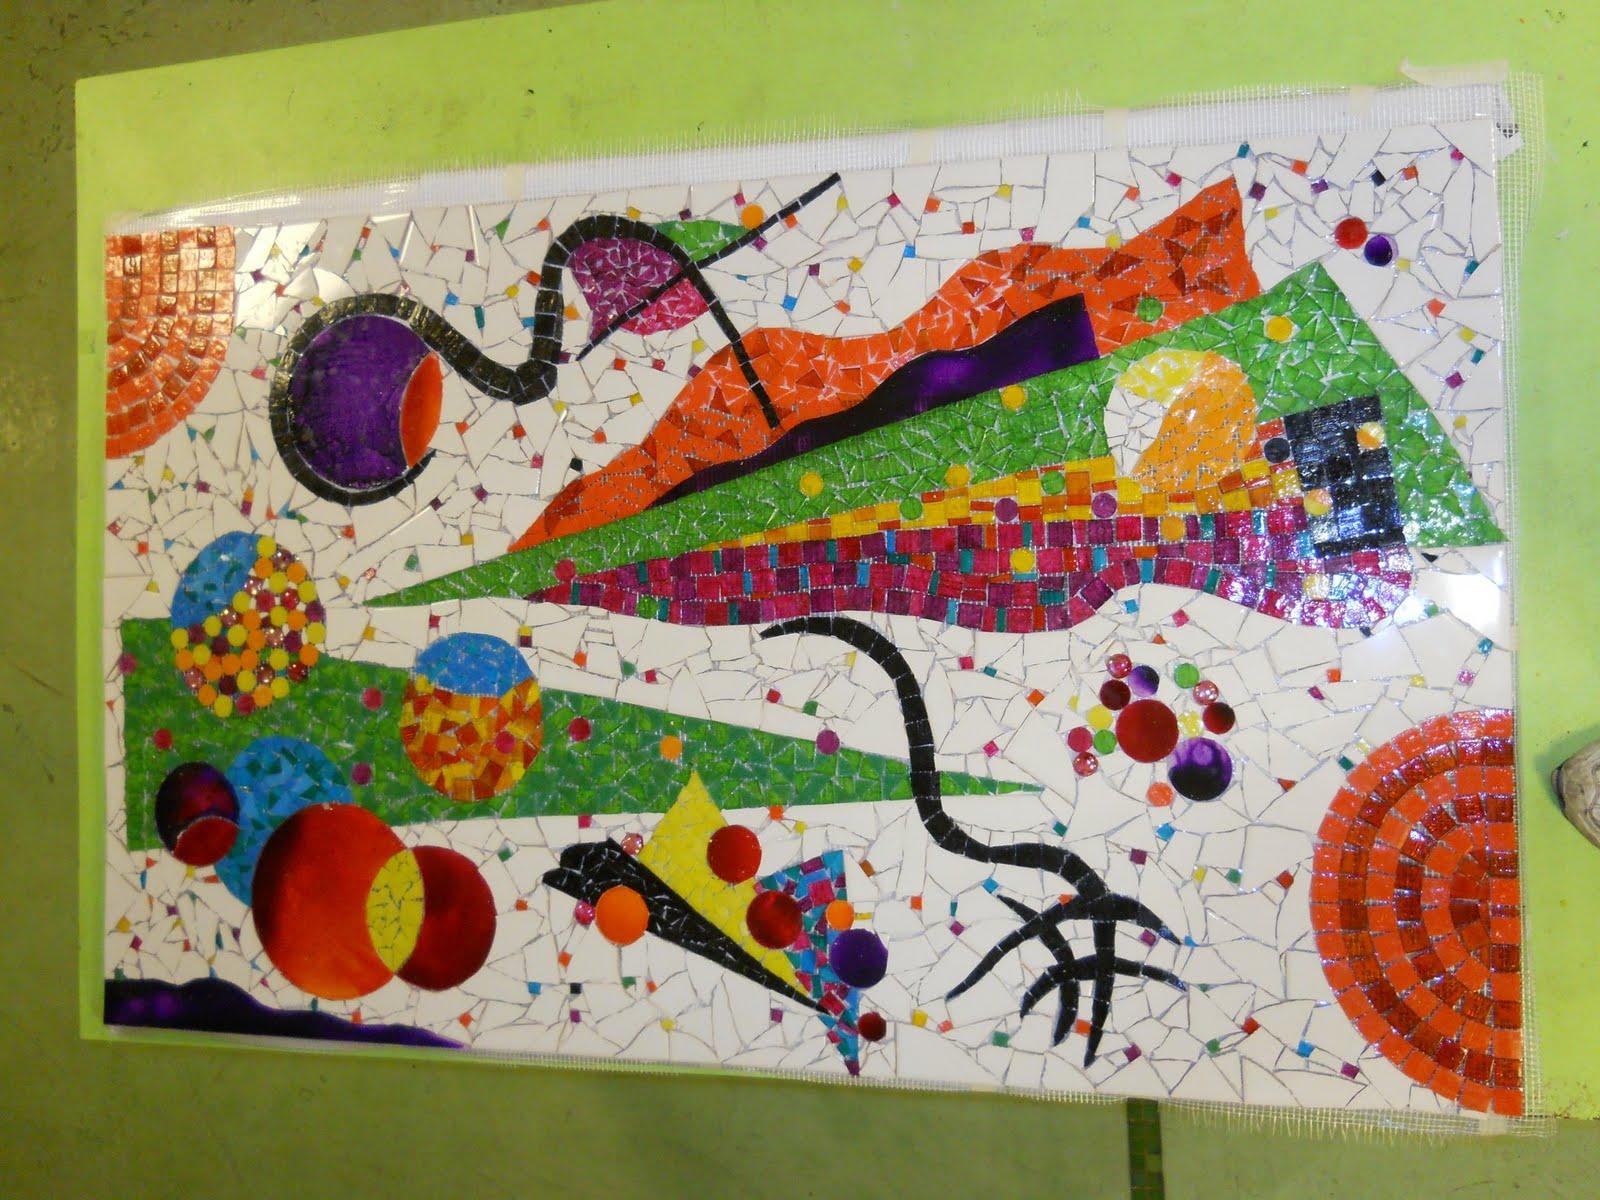 Centro del mosaico contempor neo mural hecho en malla en for El mural de mosaicos